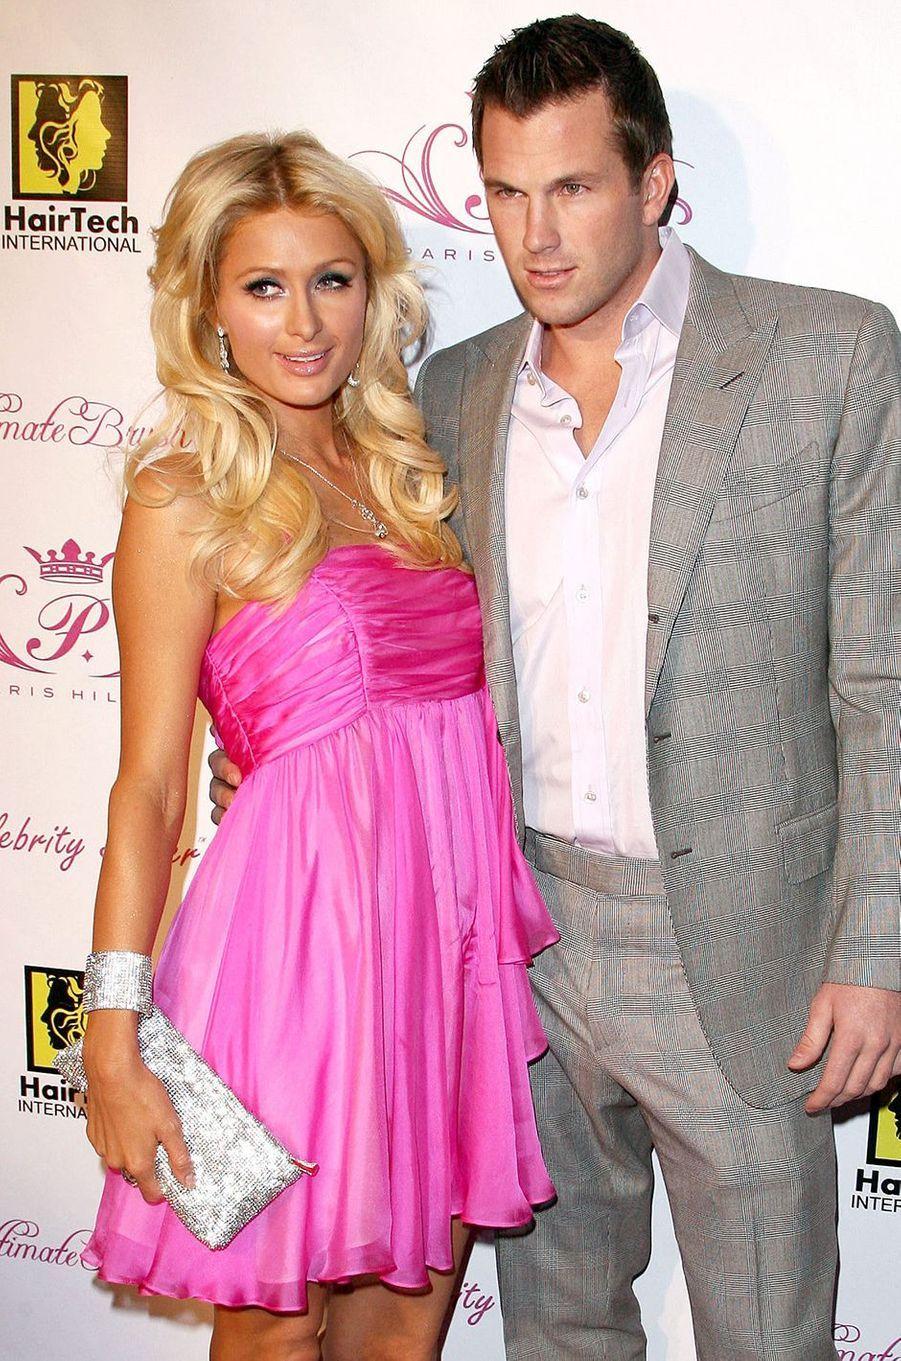 Paris Hilton et Doug Reinhardt (joueur de baseball) ont entretenu une idylle d'environ six mois en 2009